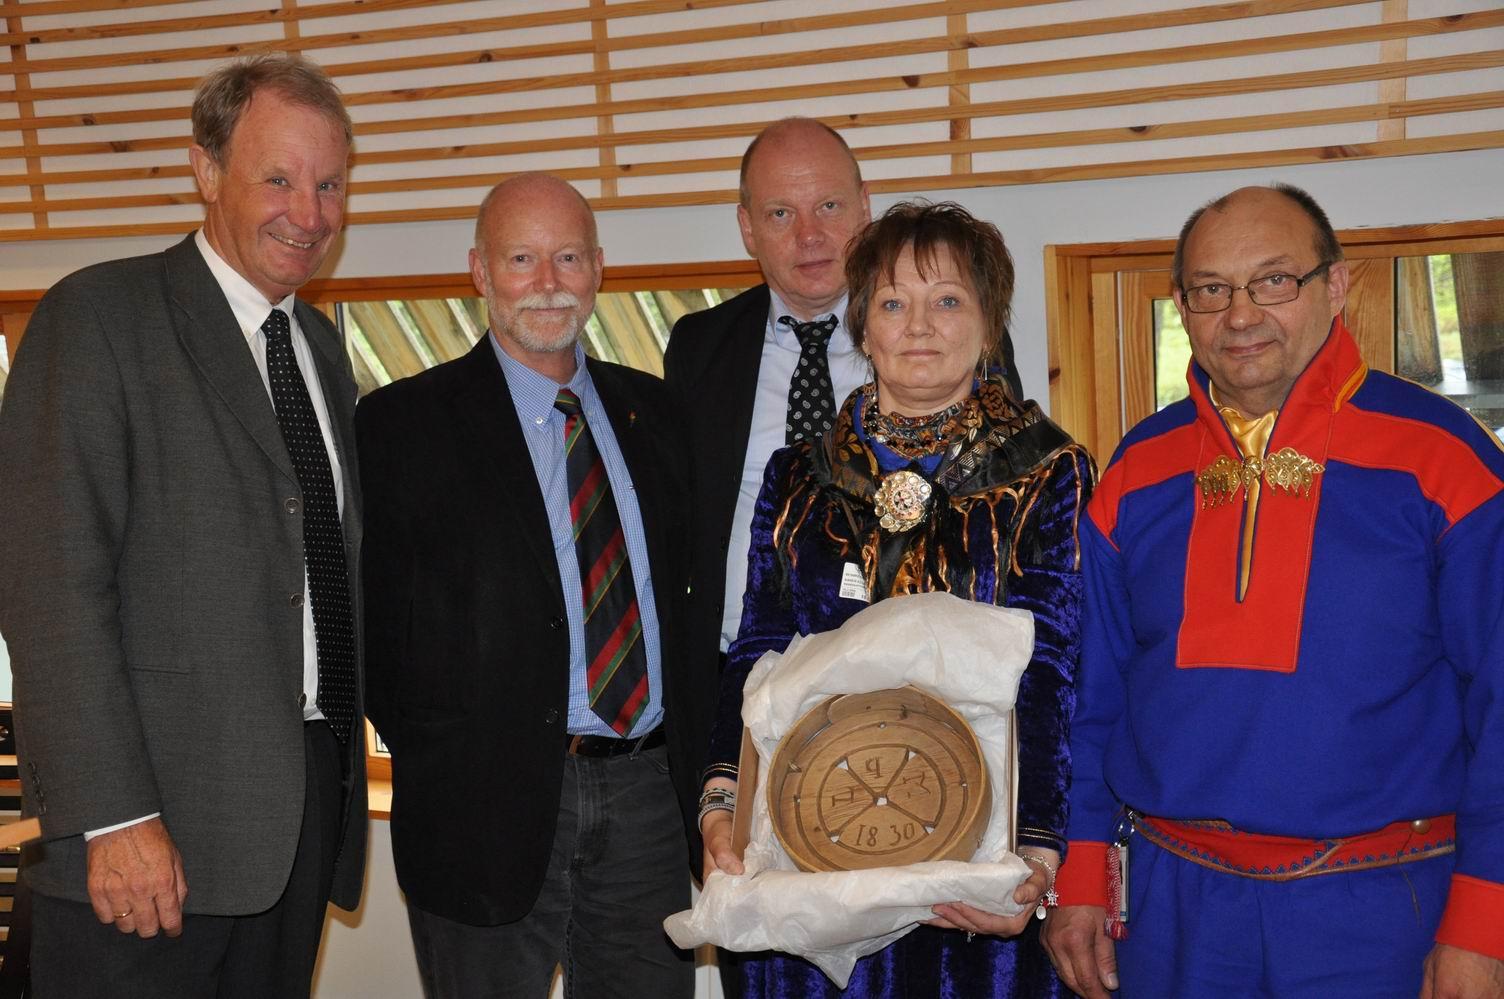 Avtalen undertegnes, Karasjok 19.06.2012, Foto: Sárá Márjá Magga, Sametinget.